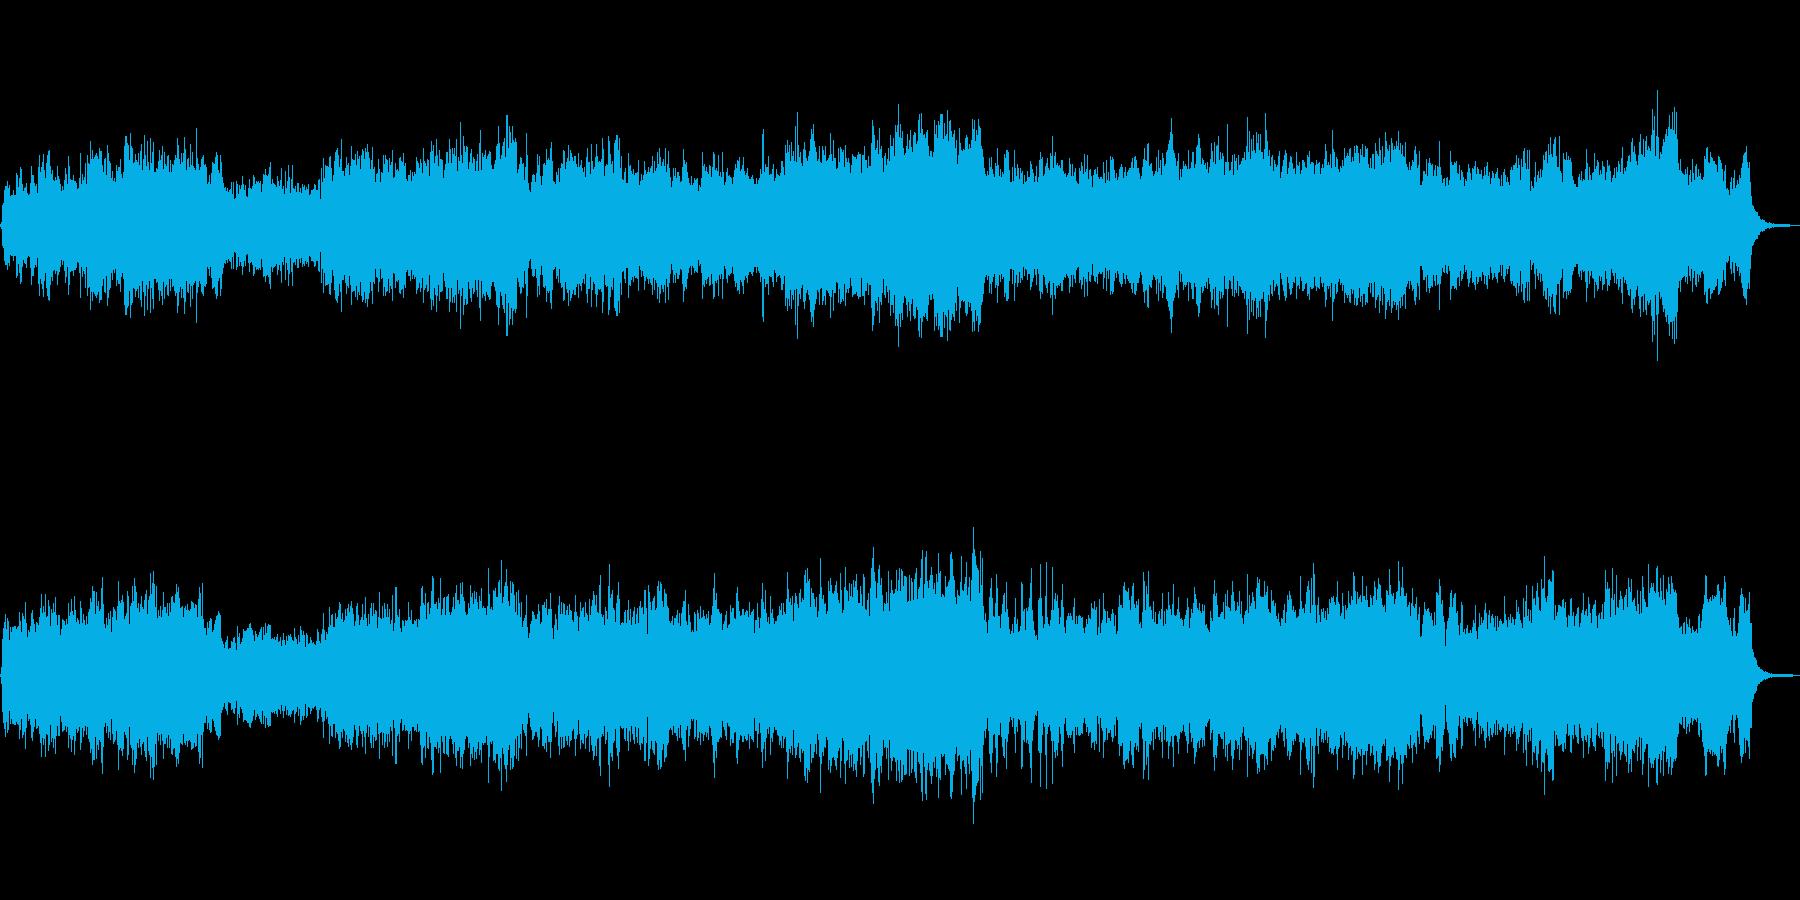 ネオクラシカルで攻撃的なバイオリン曲の再生済みの波形